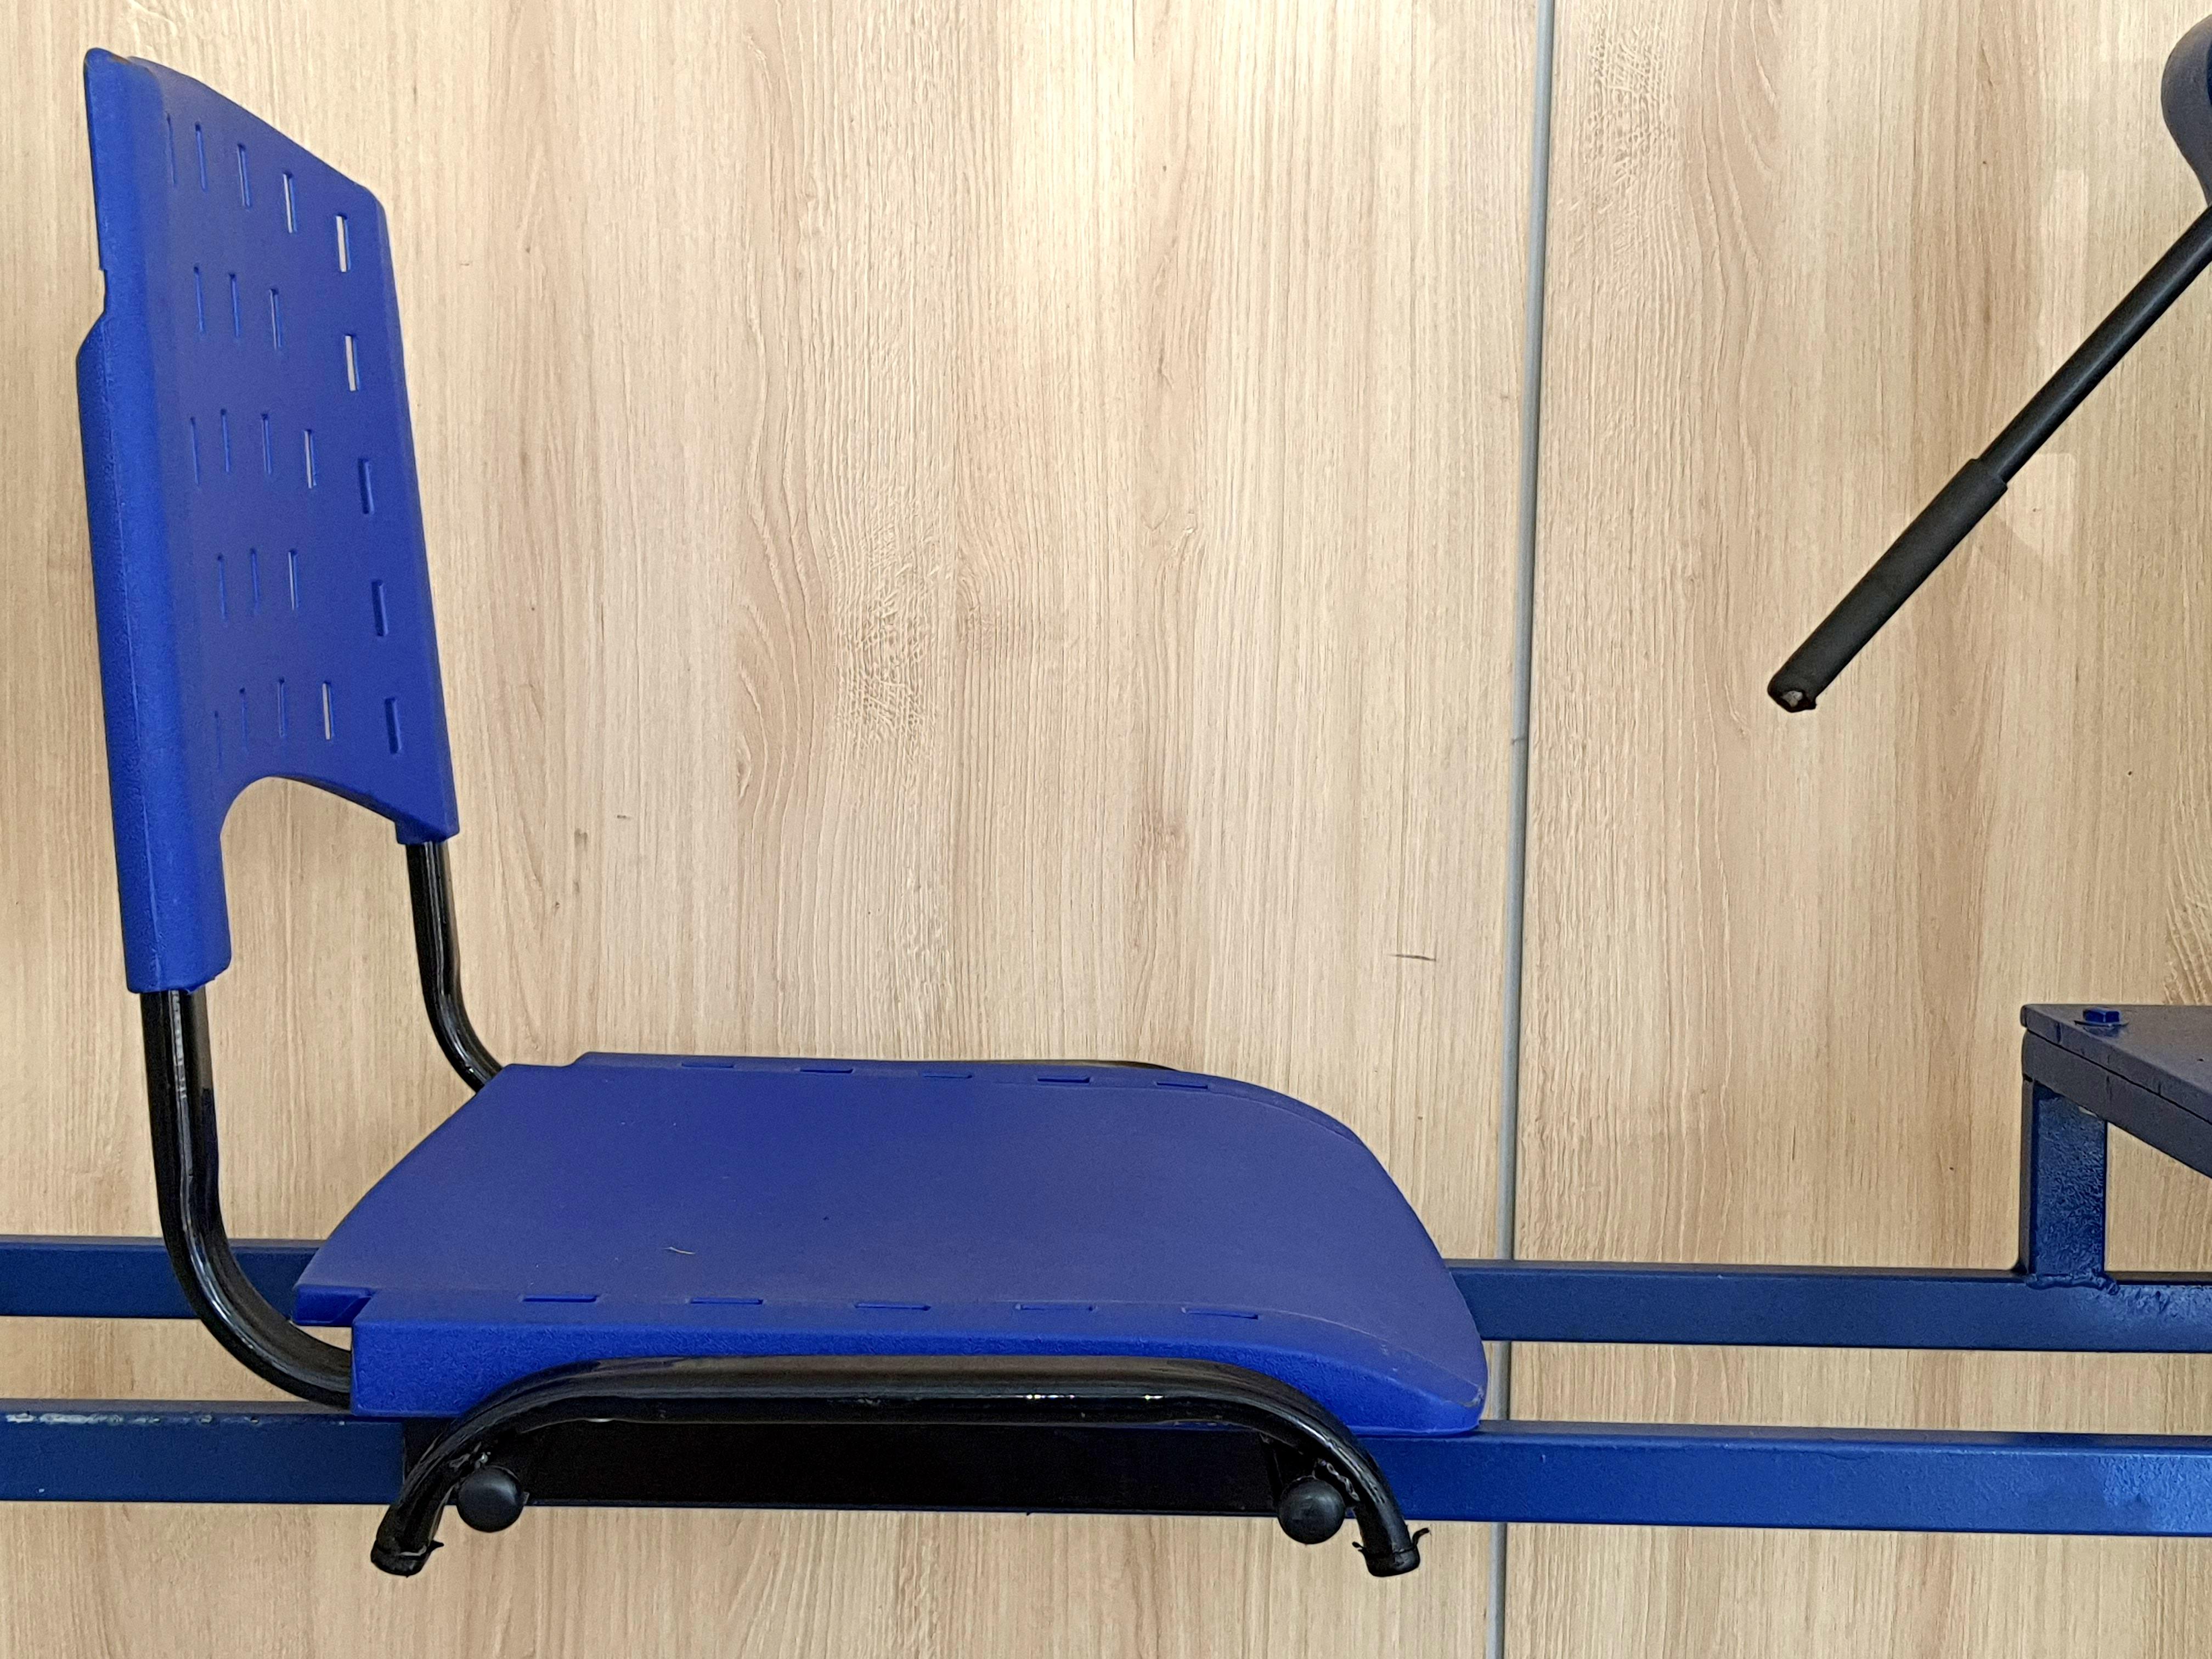 Embrapa_Cocais_Ferramenta_Individual_Quebra_Coco_2021_05_27_105801_Cadeira.jpg